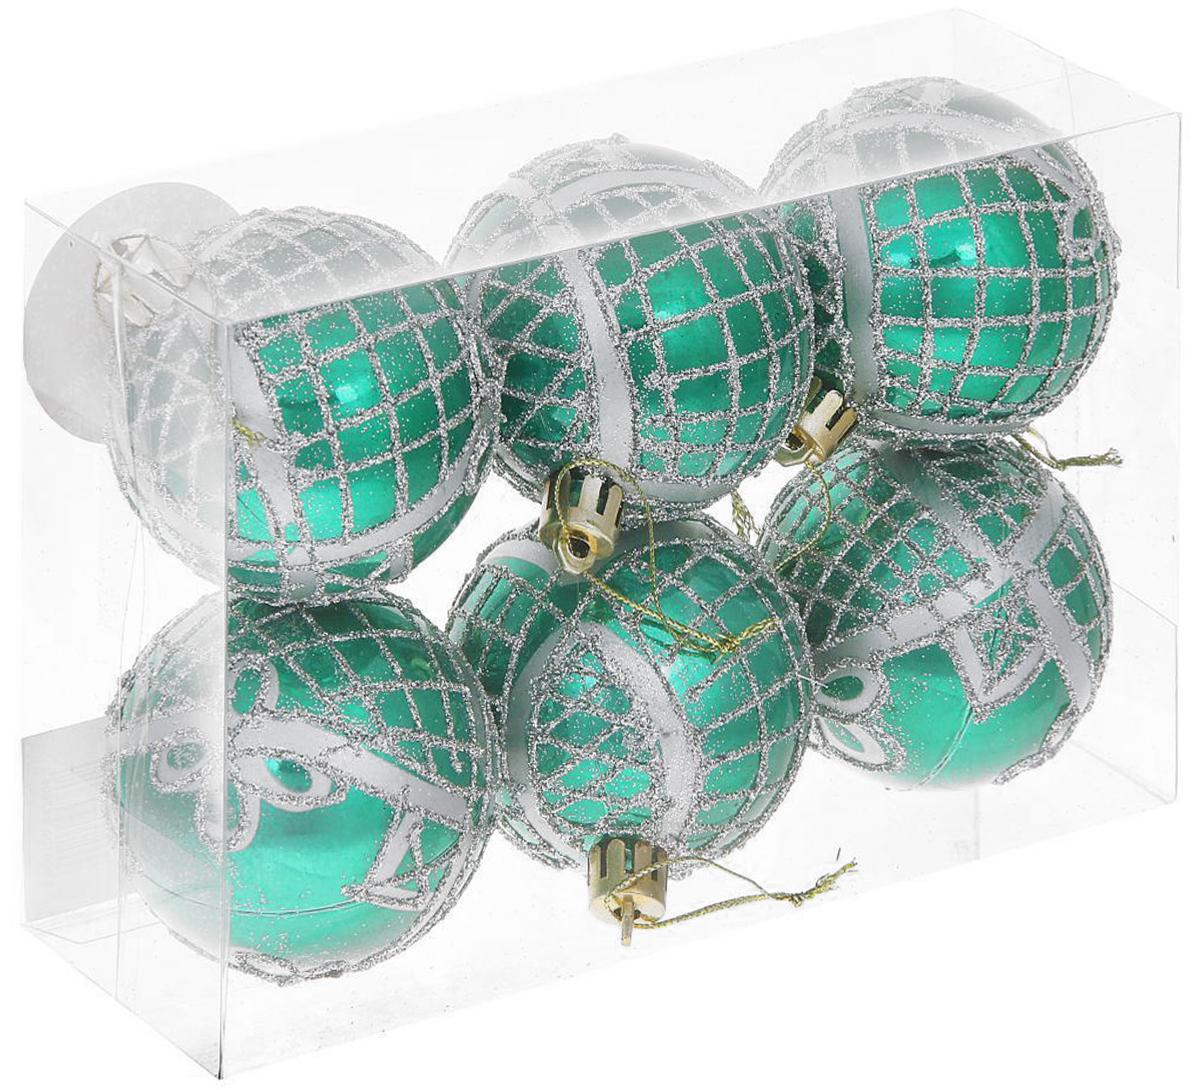 Набор новогодних подвесных украшений Sima-land Мираж. Цветочный узор, диаметр 6 см, 6 шт набор пасхальных подвесок sima land зайчик в скорлупе 6 см 3 шт